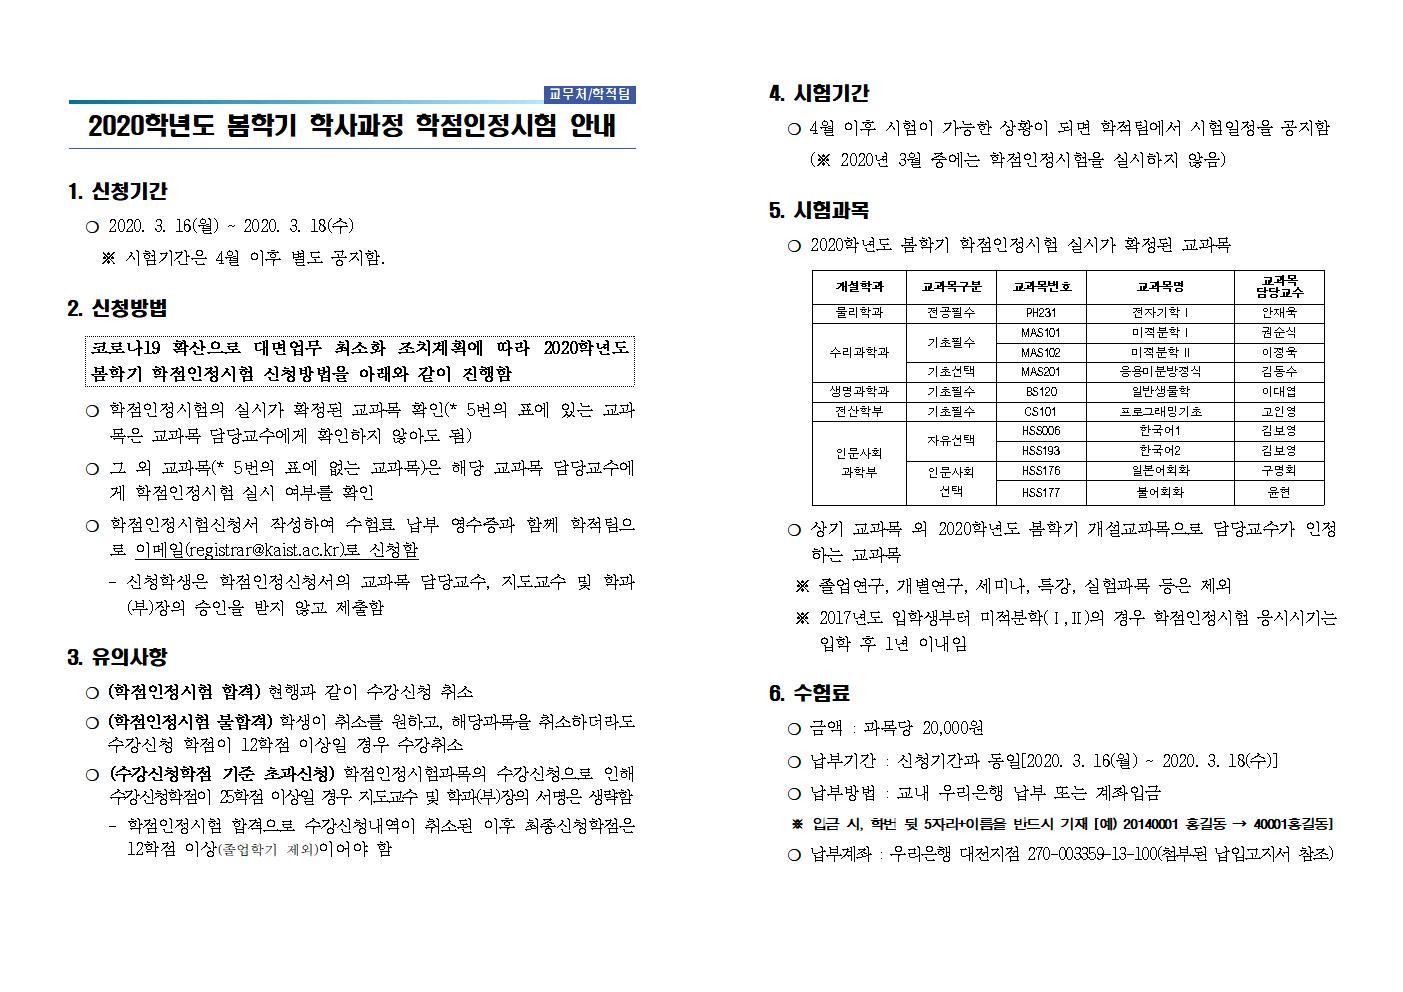 2020학년도 봄학기 학사과정 학점인정시험공고(국영문)001.jpg